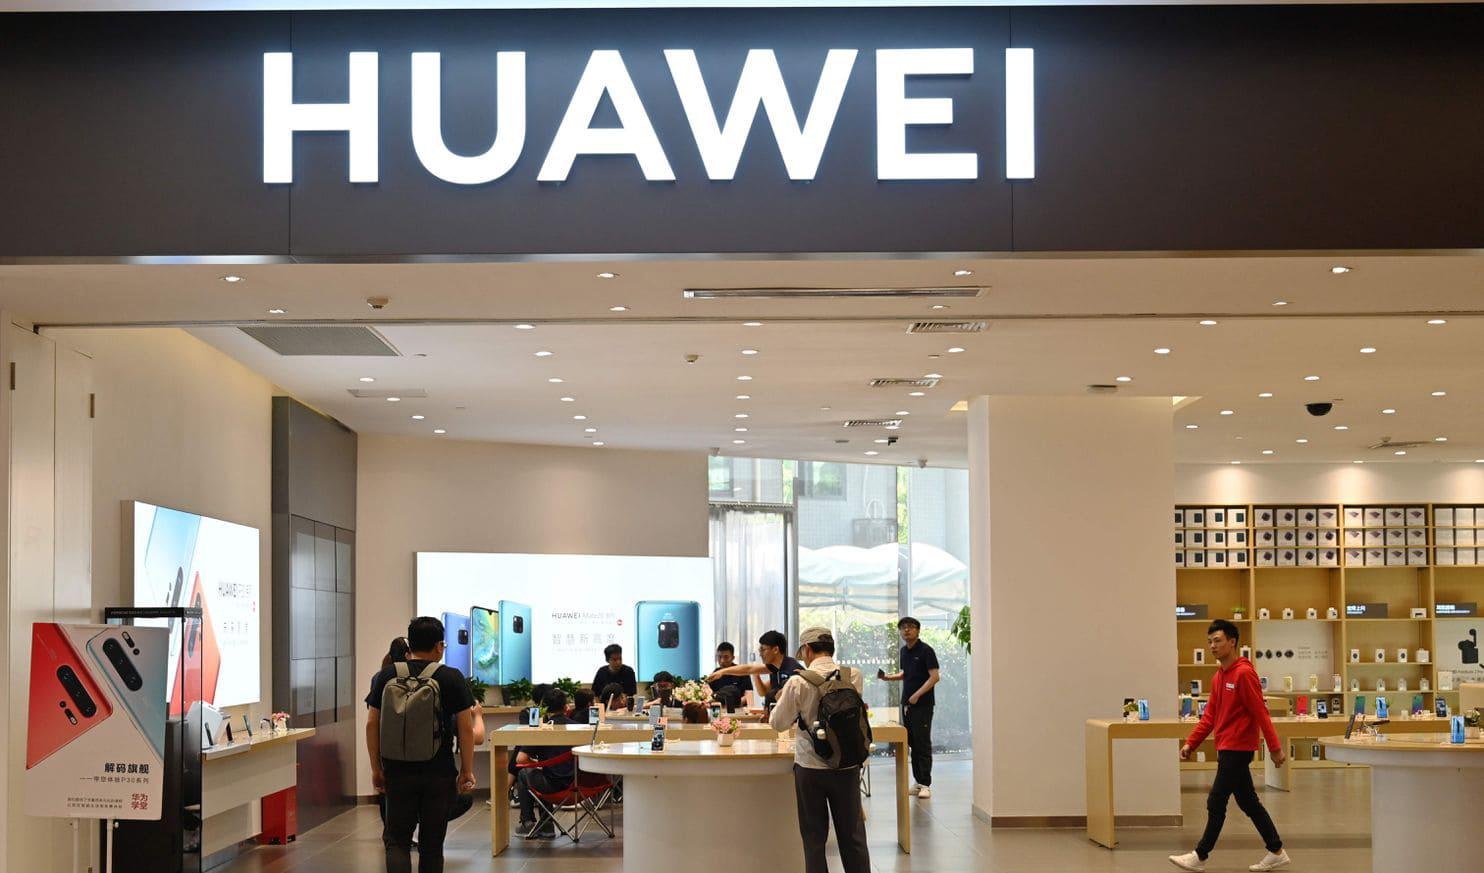 مجوز مشروط آمریکا به ادامه فعالیت هوآوی